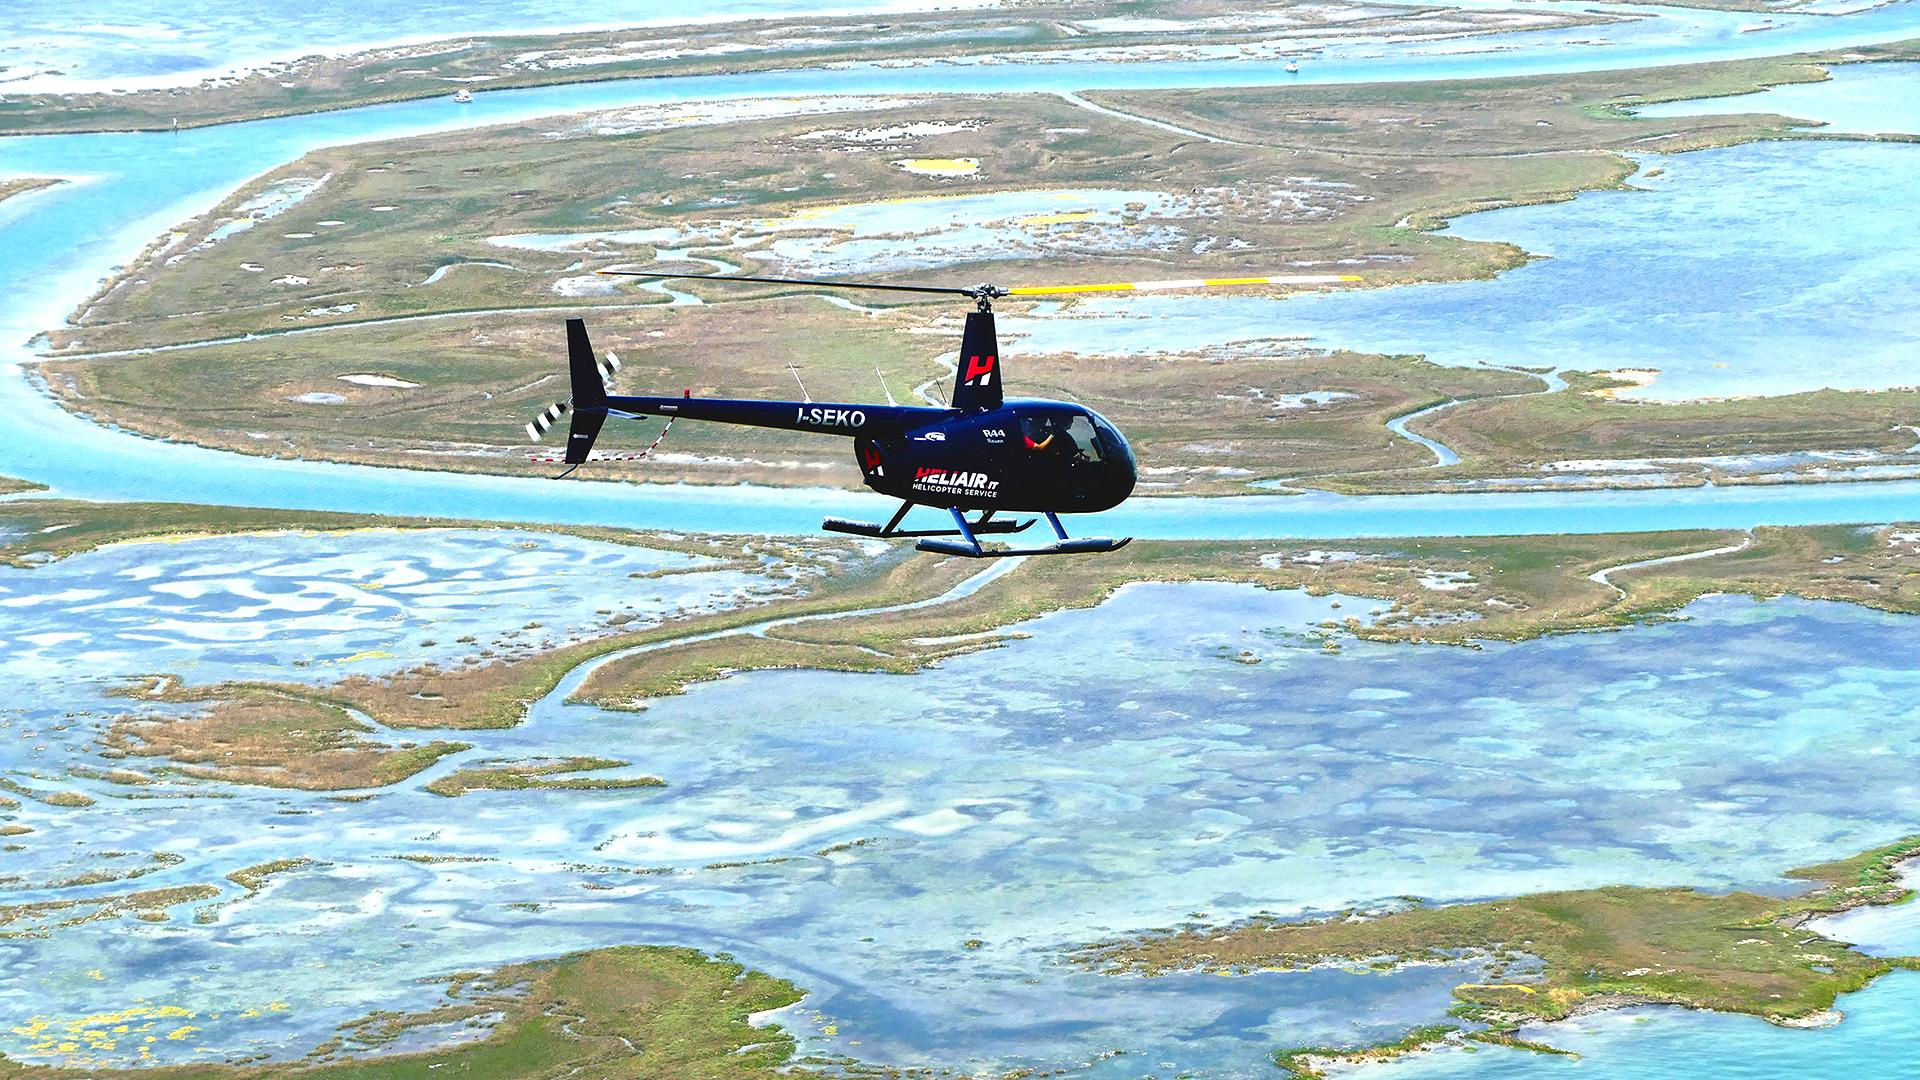 Elicottero Venezia : Heliair tour in elicottero a venezia